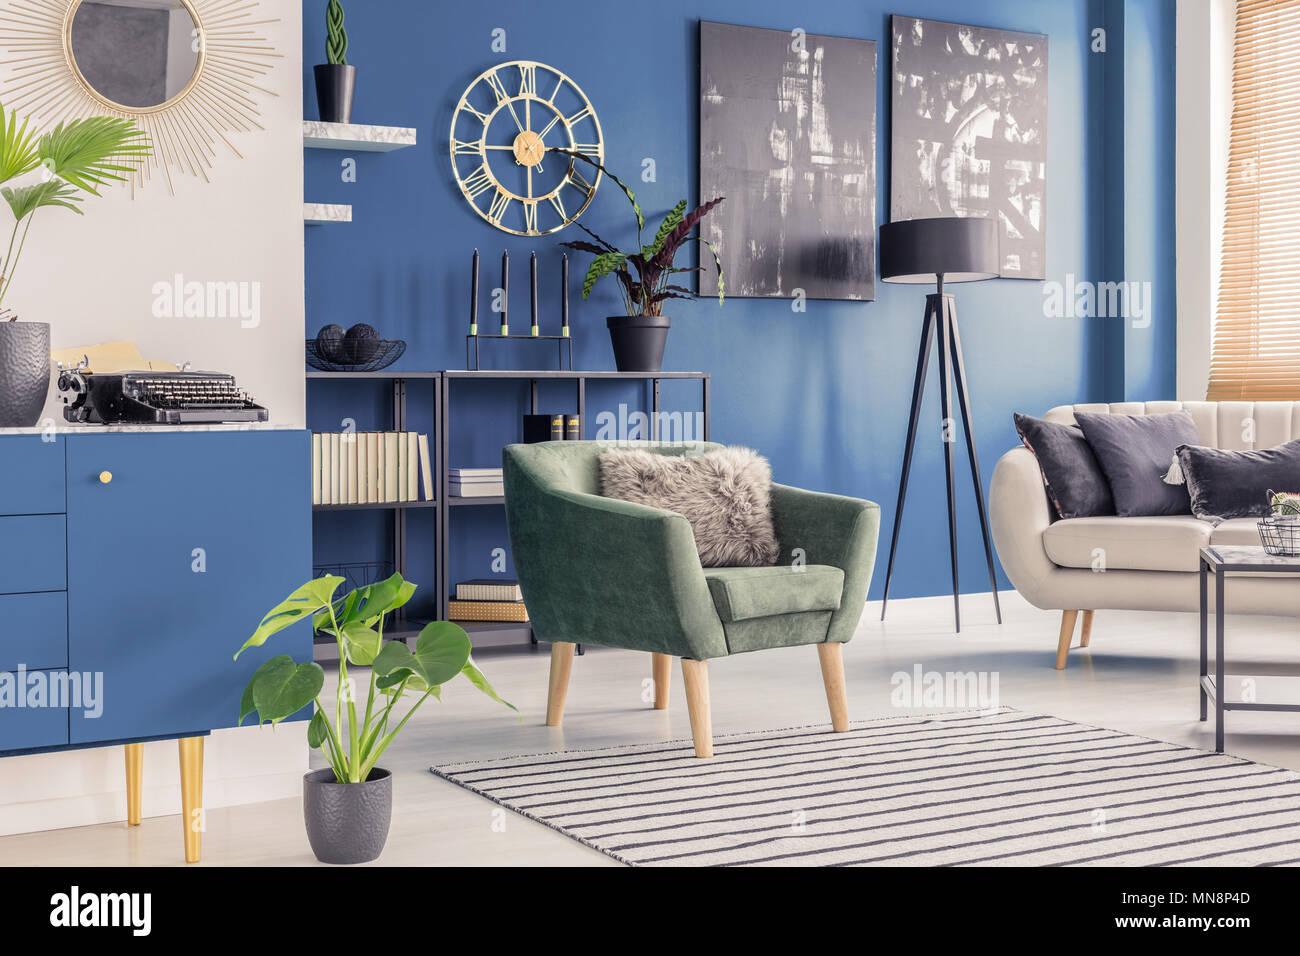 Retro Schreibmaschine und golden Wanduhr in Blau Wohnzimmer ...